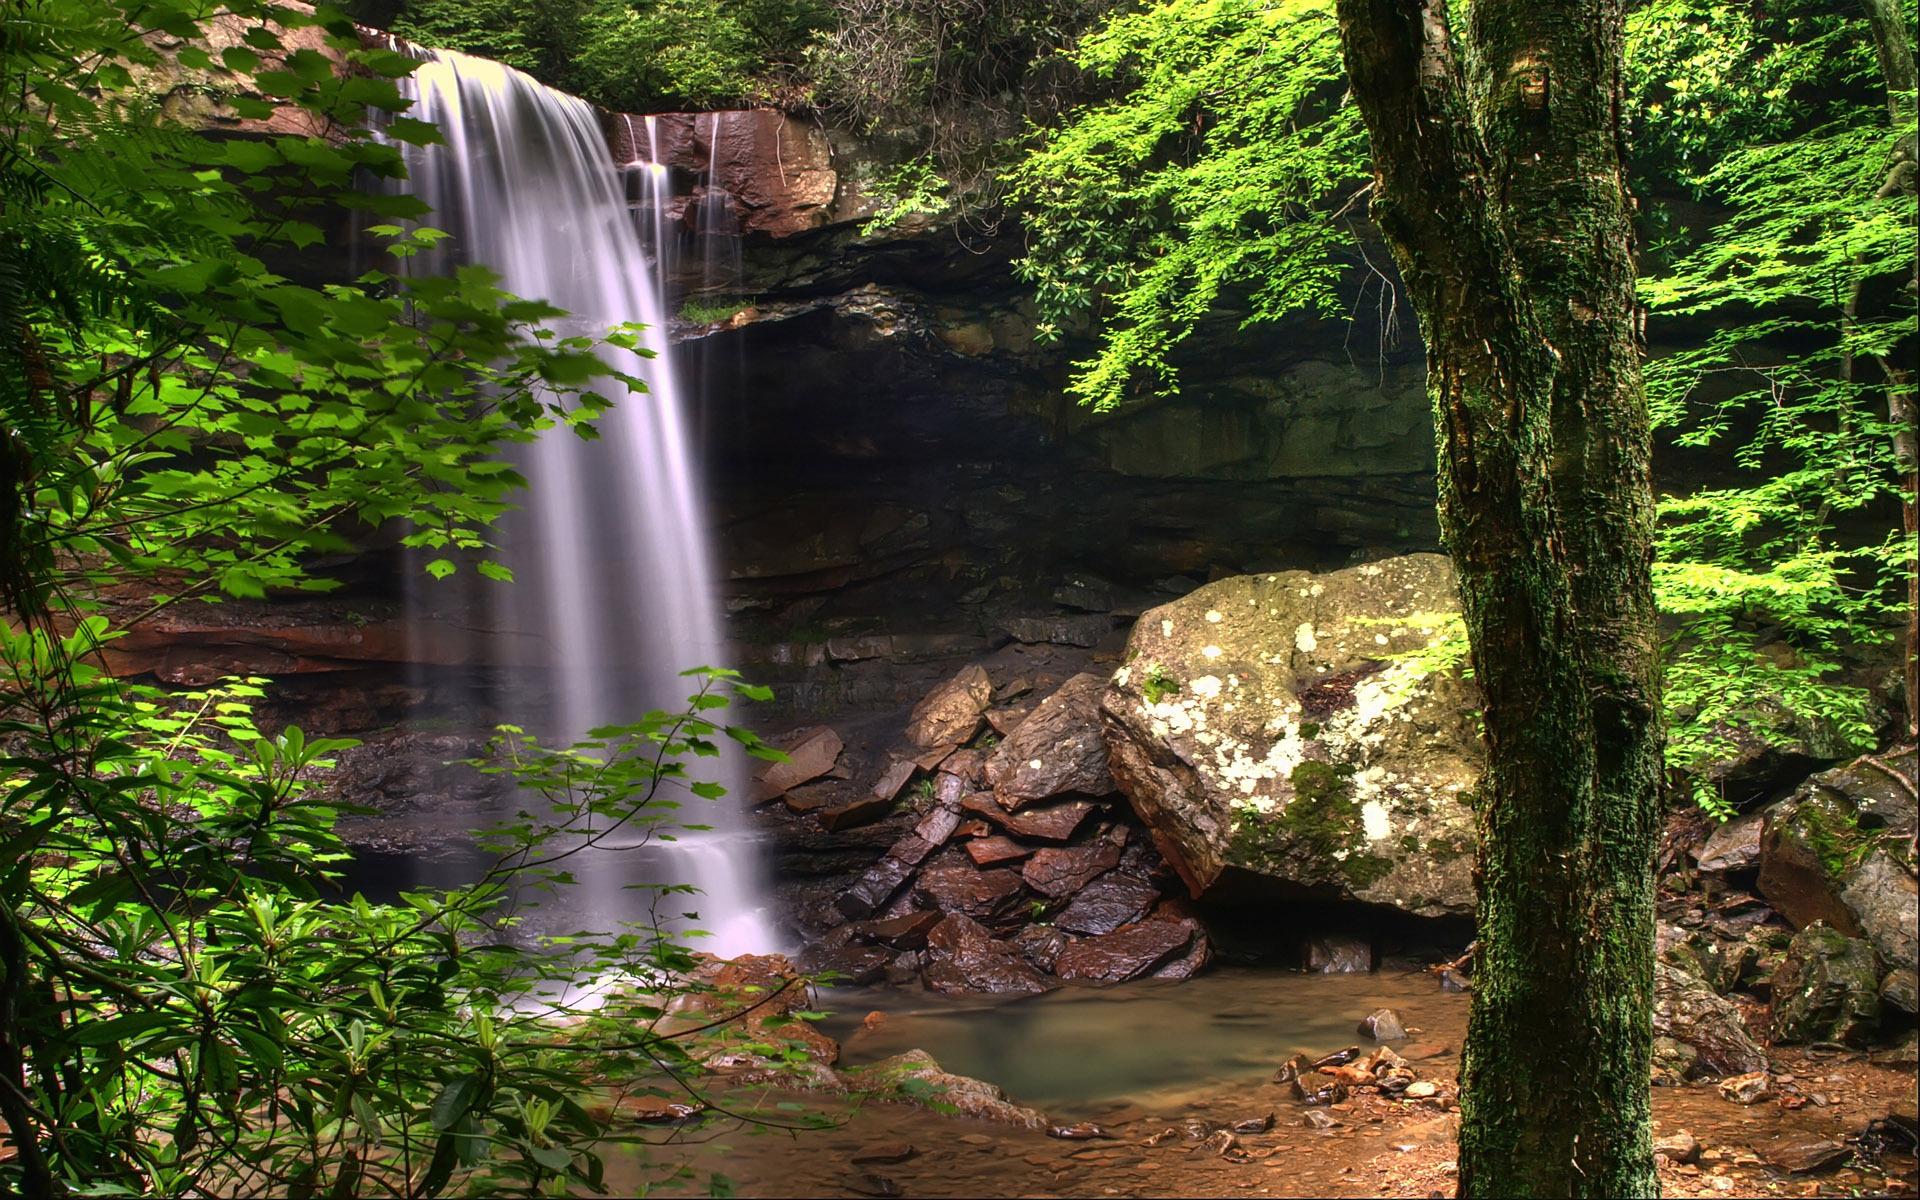 признается, картинки для презентации на задний фон водопады естественный барьер сосновый